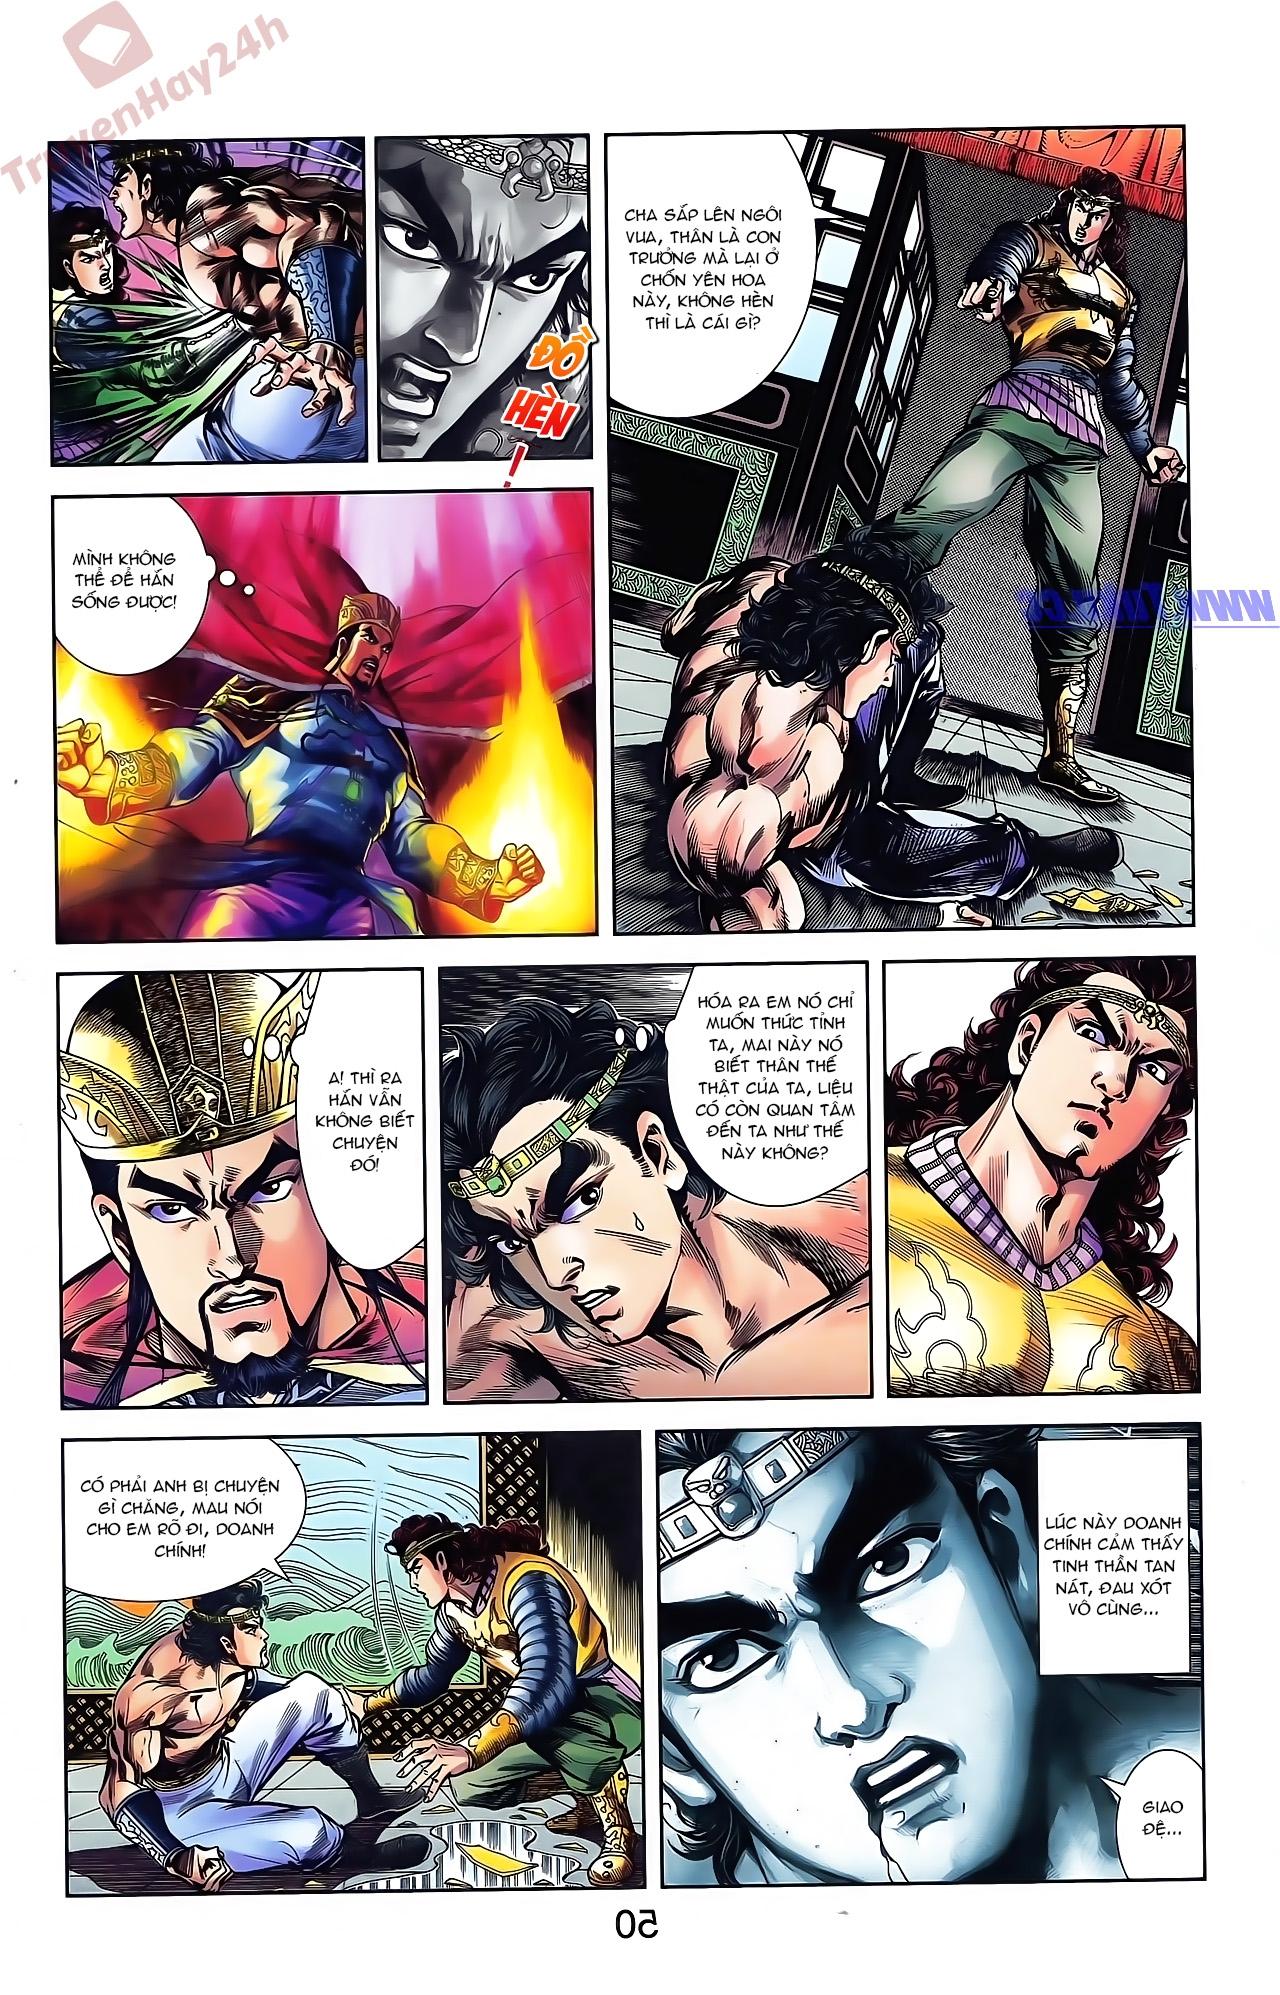 Tần Vương Doanh Chính chapter 44 trang 2